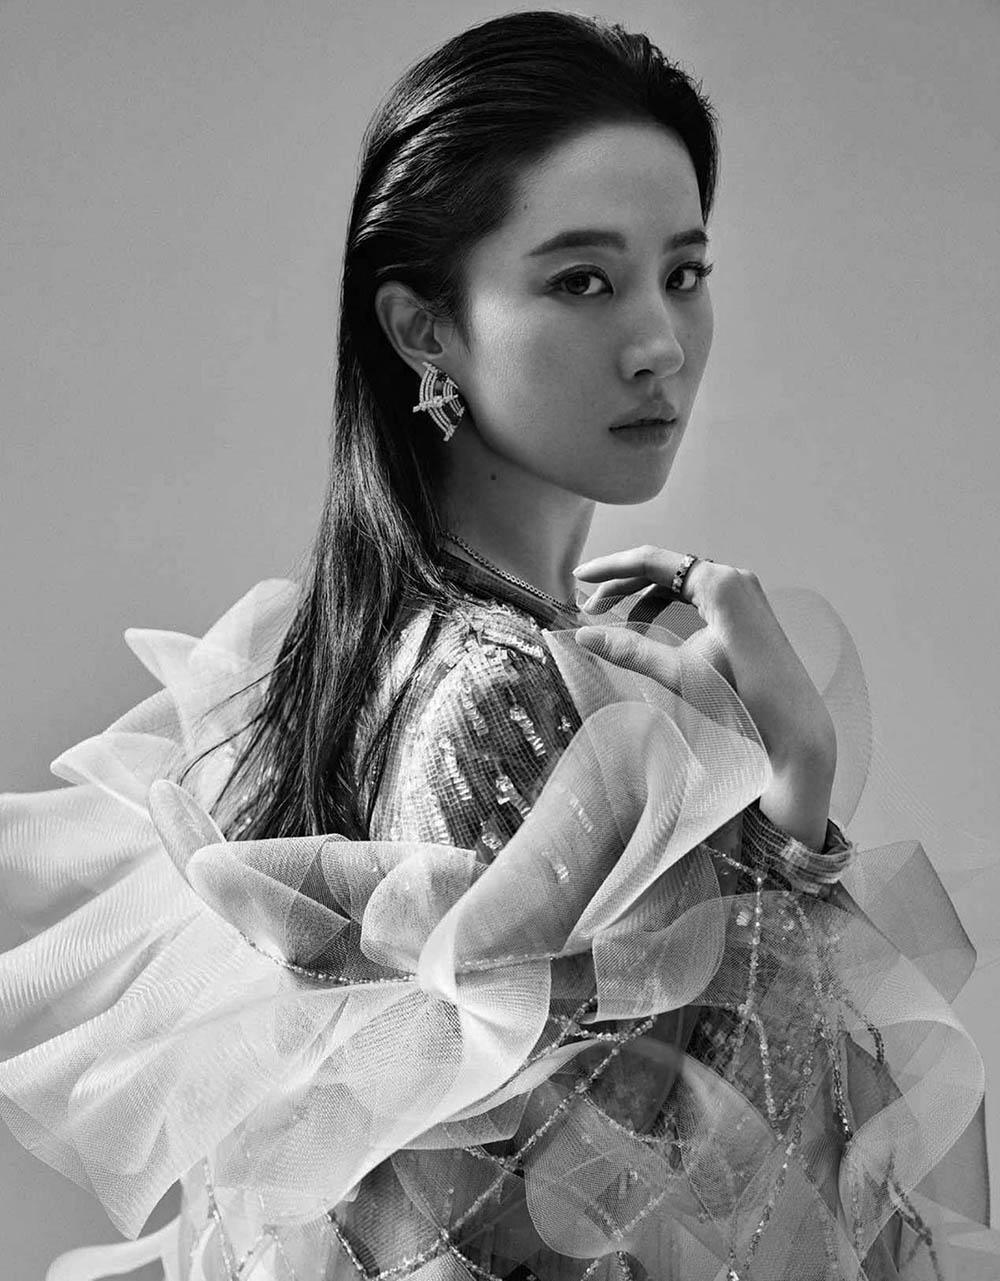 Liu Yifei covers Vogue China April 2020 by Kai Z Feng